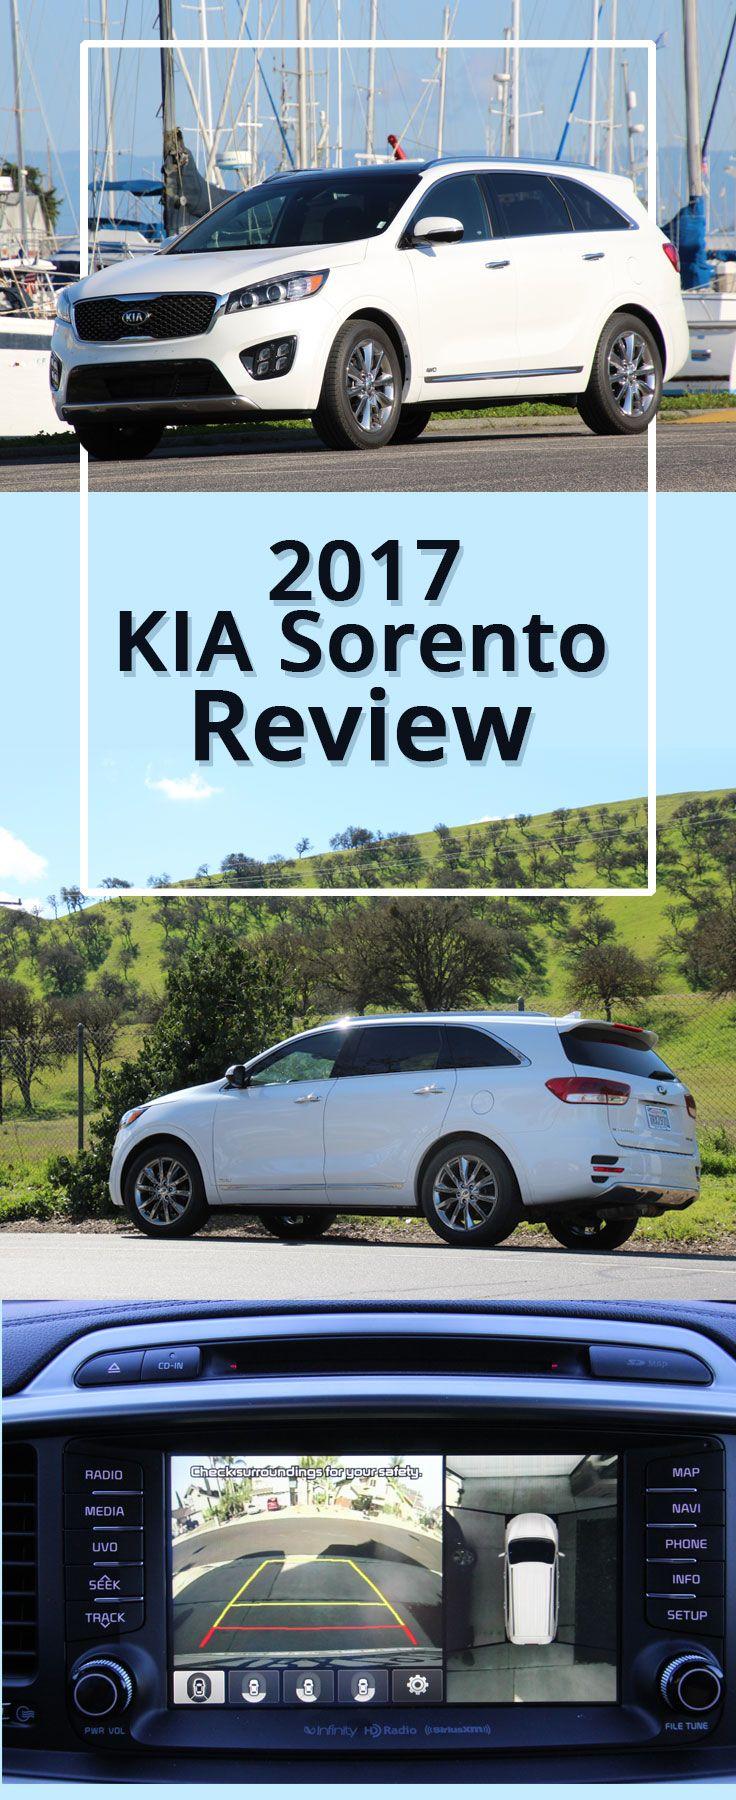 kia sorento review